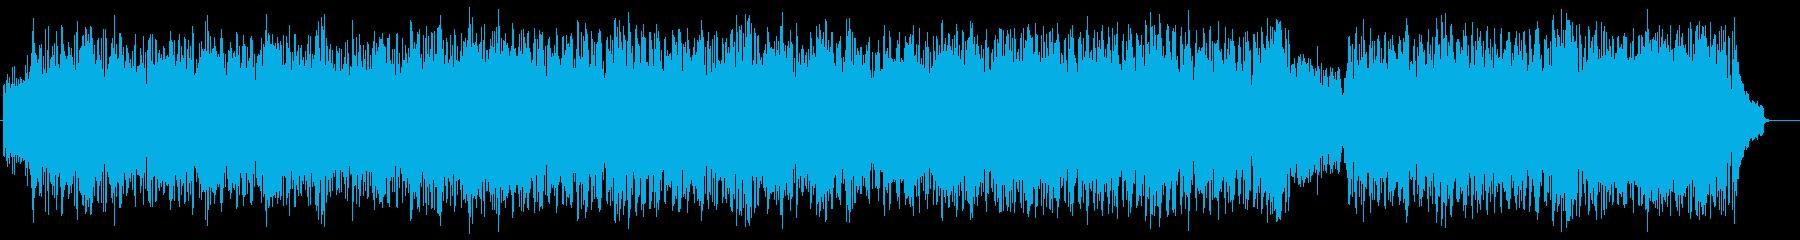 リゾート風ラテンポップス(フルサイズ)の再生済みの波形